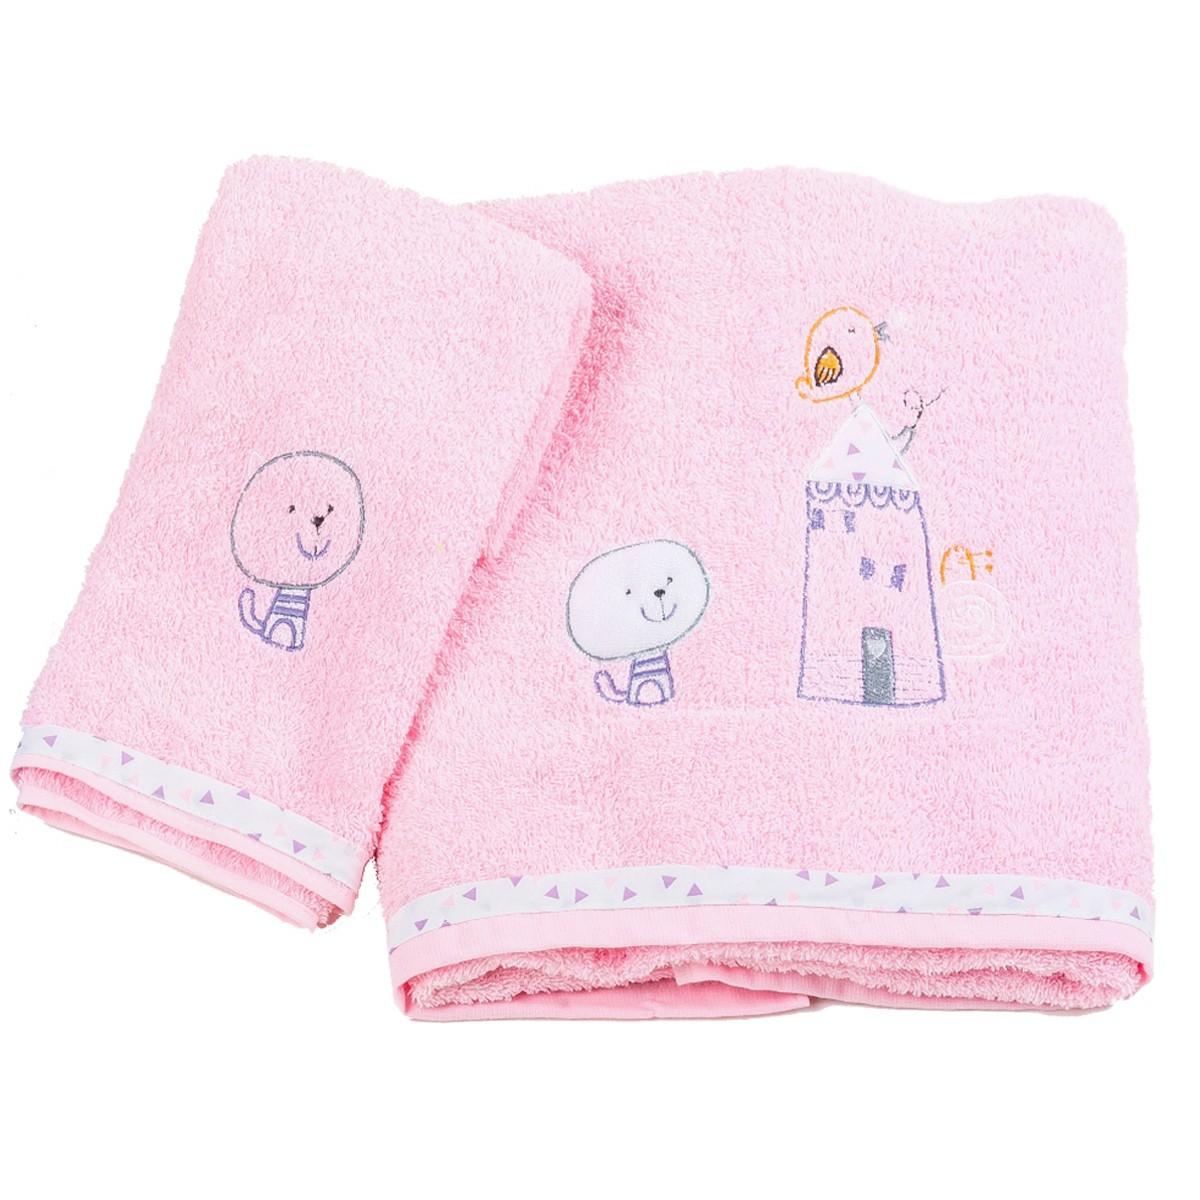 Βρεφικές Πετσέτες (Σετ 2τμχ) Κόσμος Του Μωρού Home 0590 Ροζ 74624